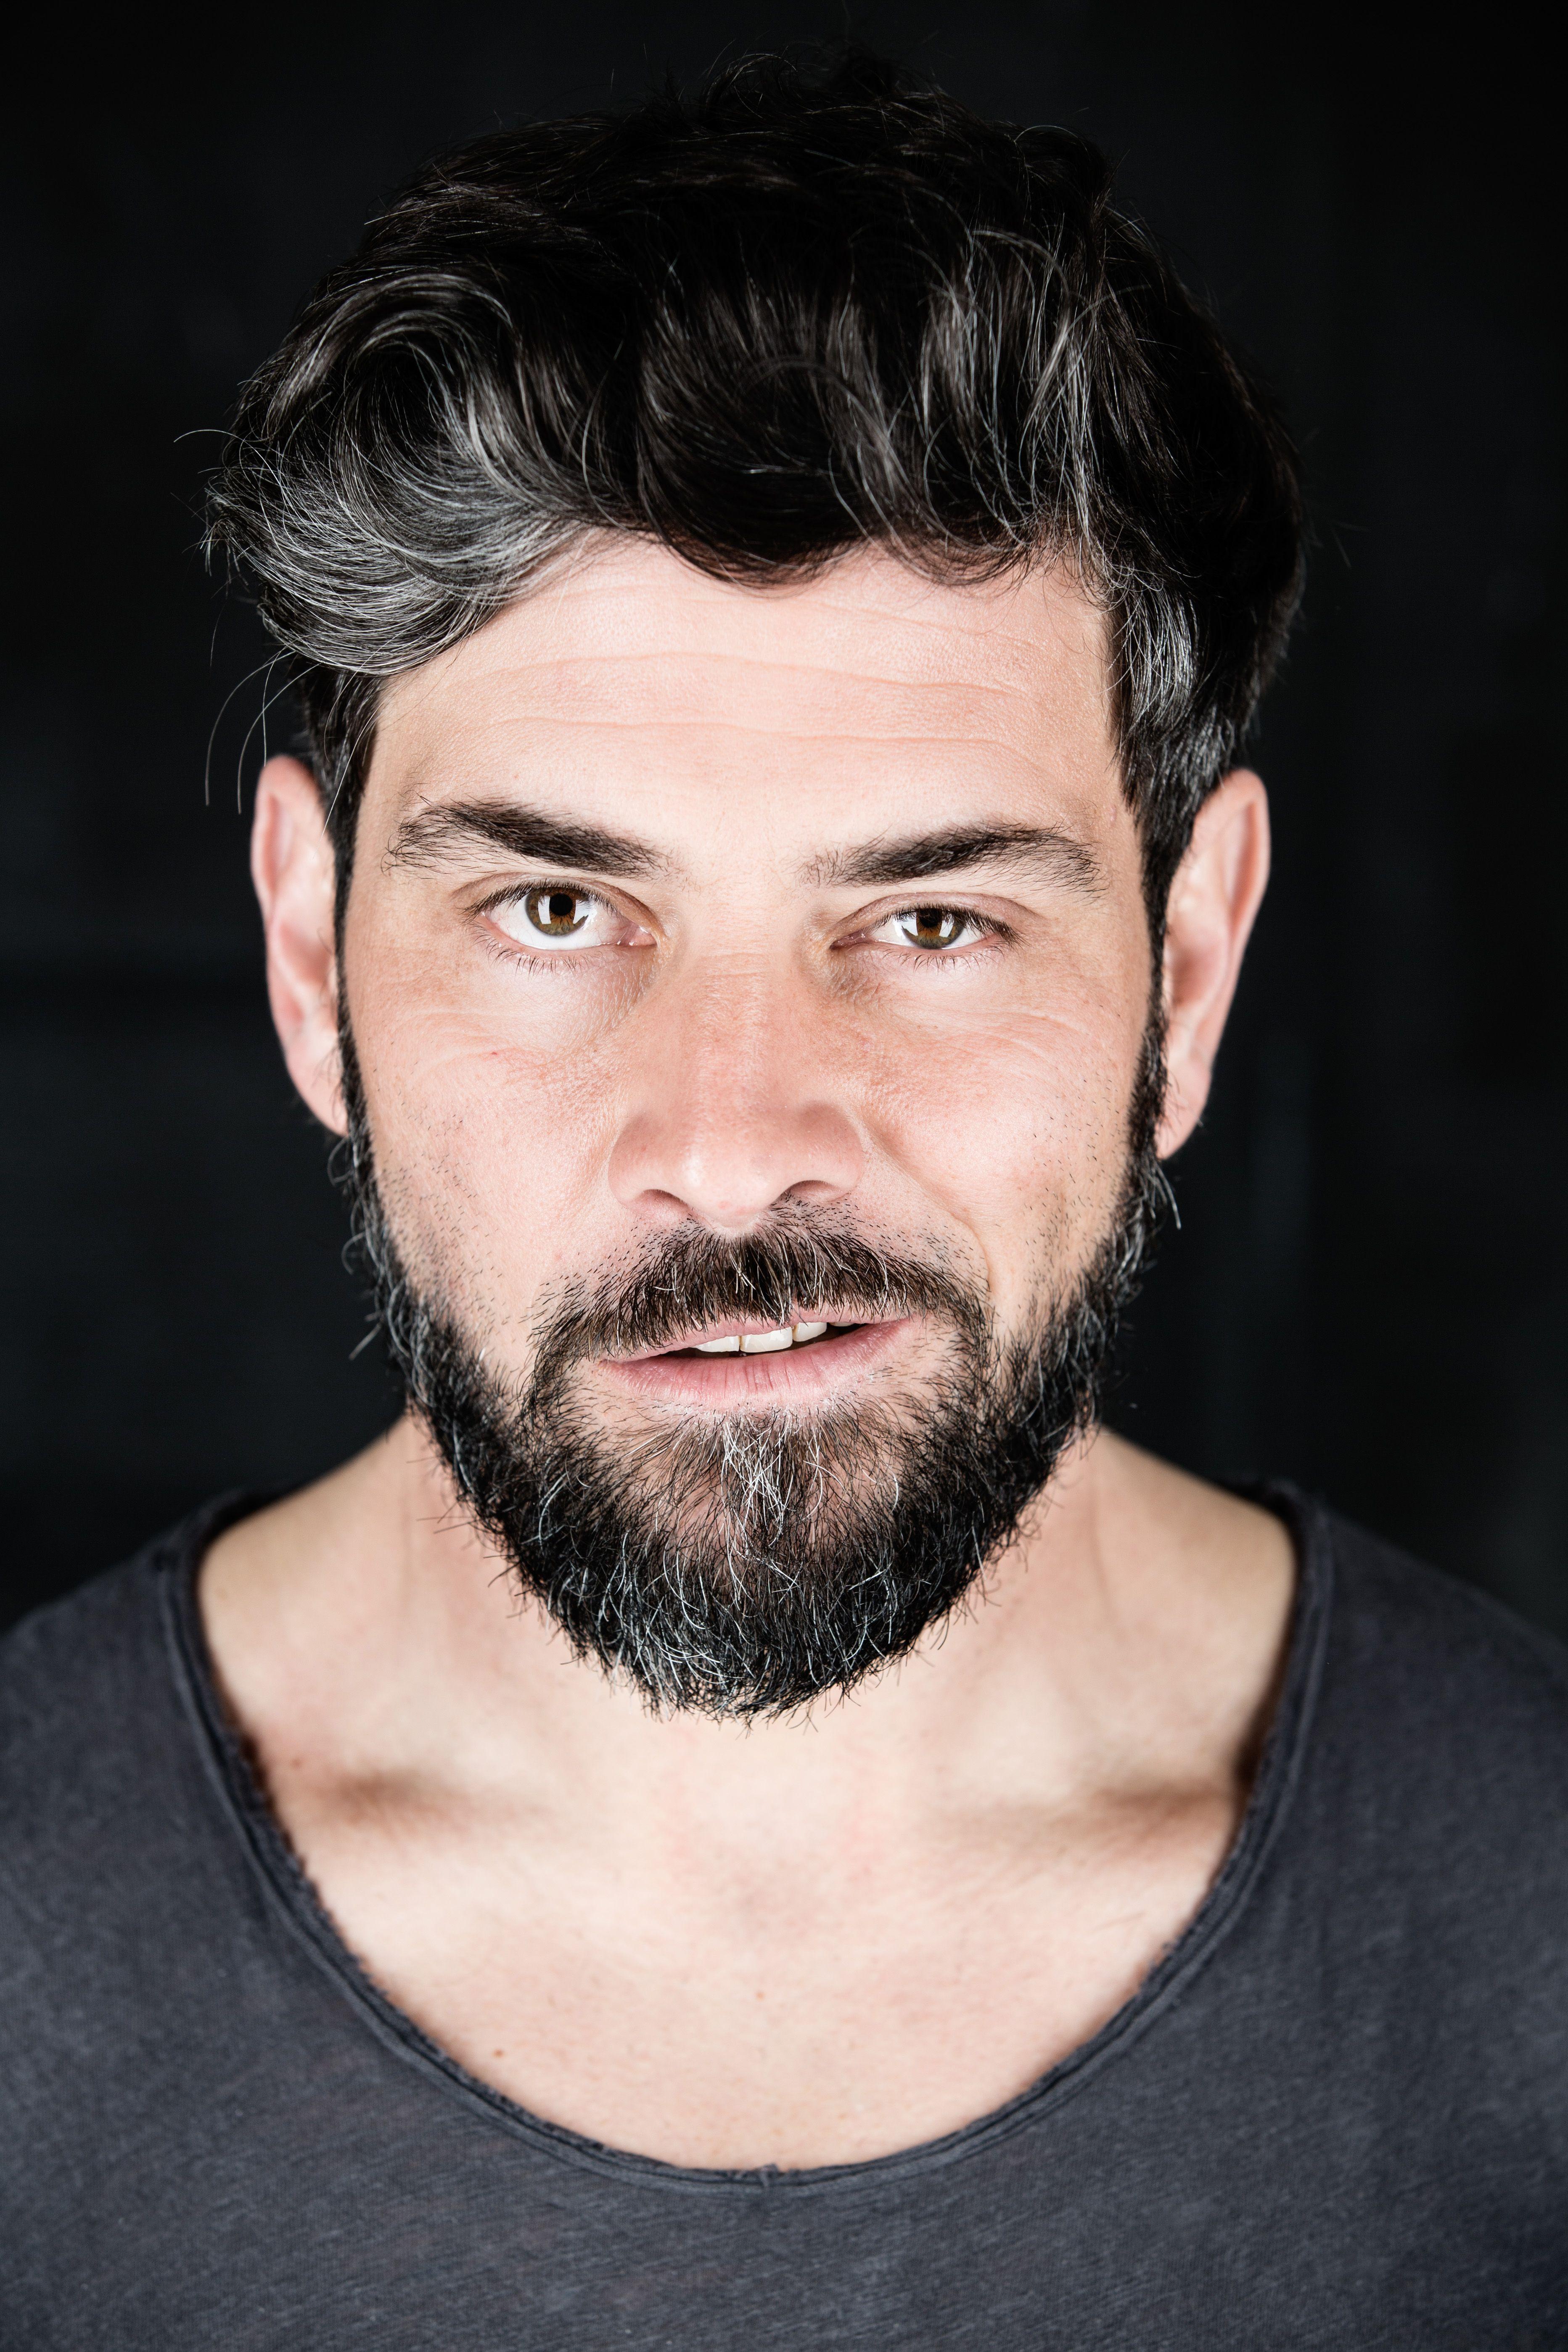 Daniel Sellier